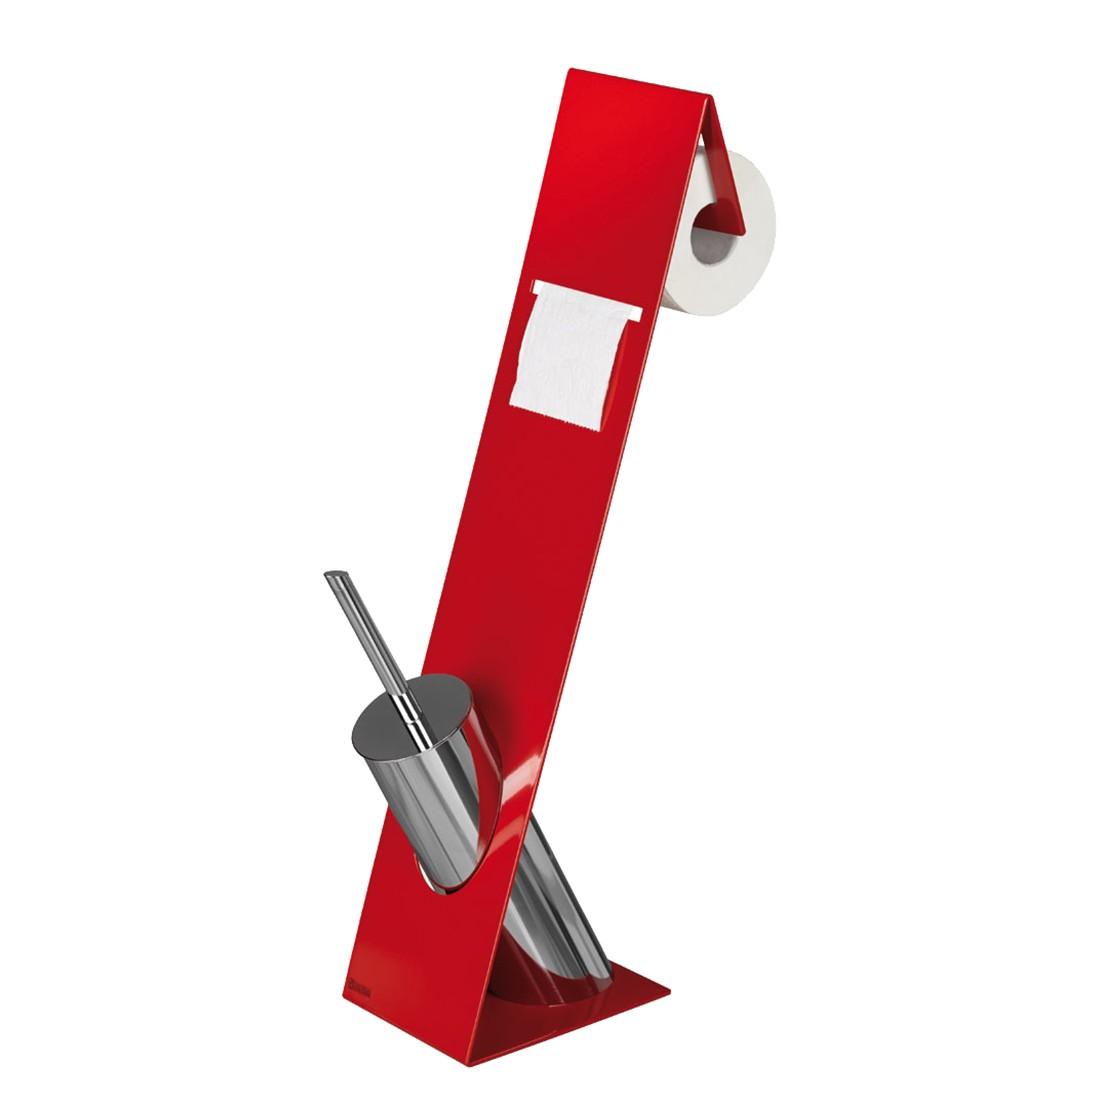 WC-Garnitur Turin – Rot, Sanwood jetzt kaufen